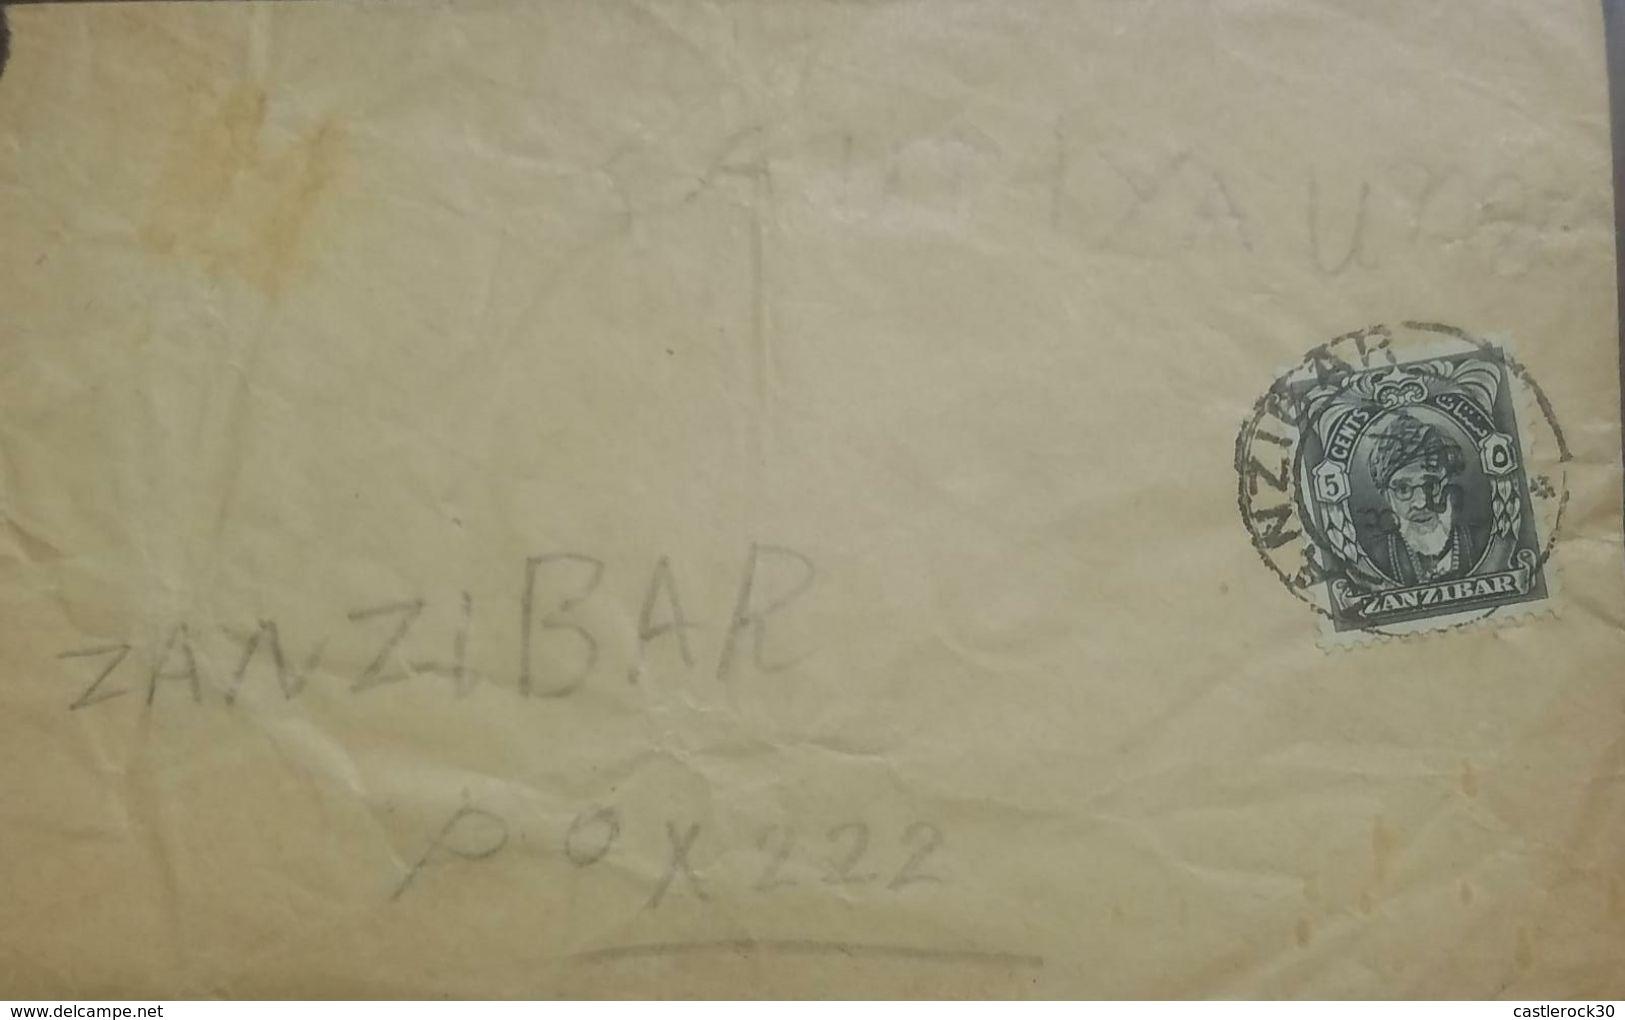 L) 1952 ZANZIBAR, SULTAN KALIF BIN HARUB, 5 CENTS, XF - Zanzibar (1963-1968)